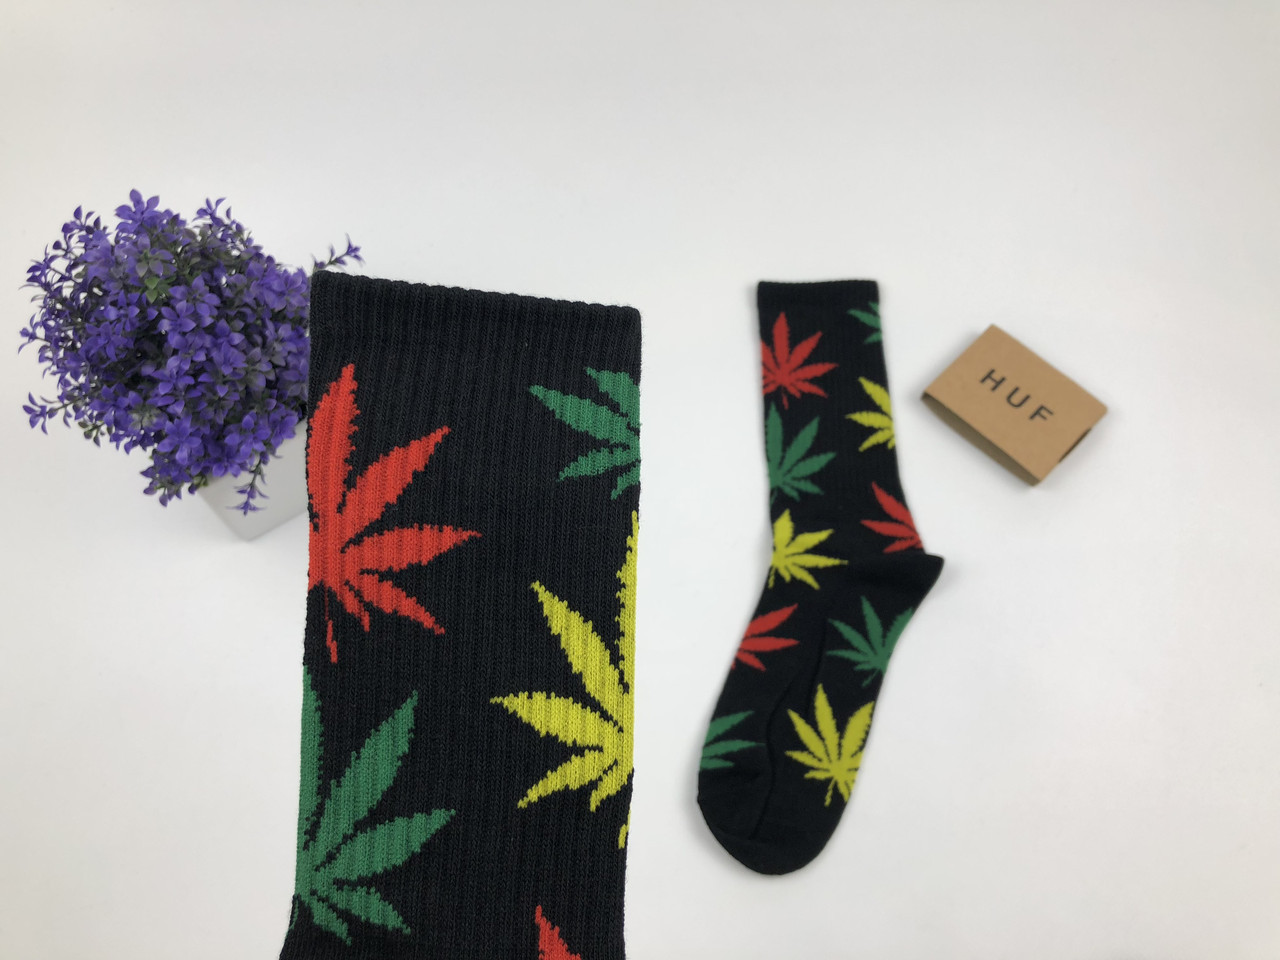 Носки HUF Plantilife - высокие - черные (разноцветный лист желтый, зеленый, красный)